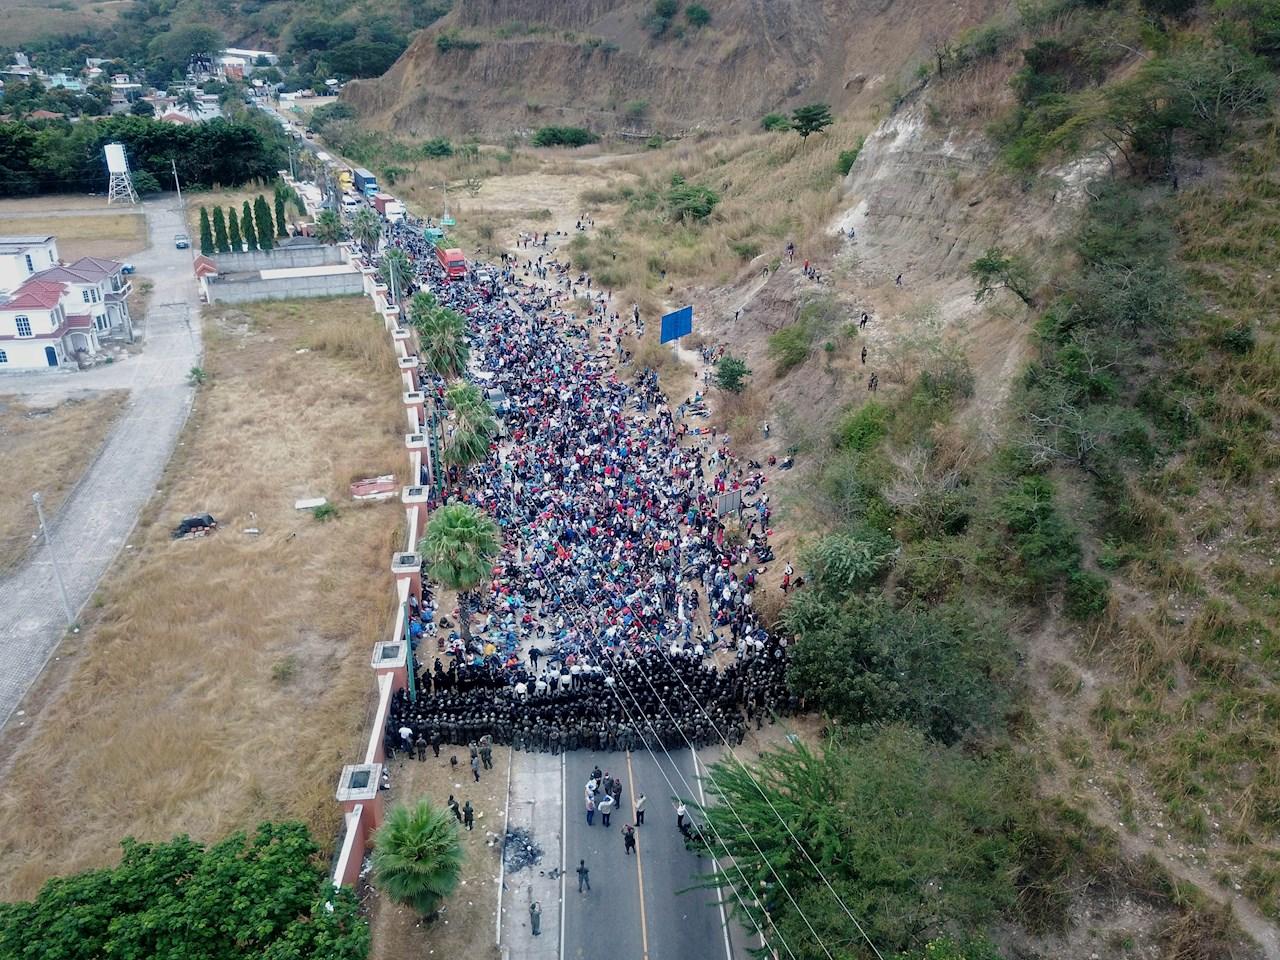 Caravana migrante hondureña permanece varada en el este de Guatemala